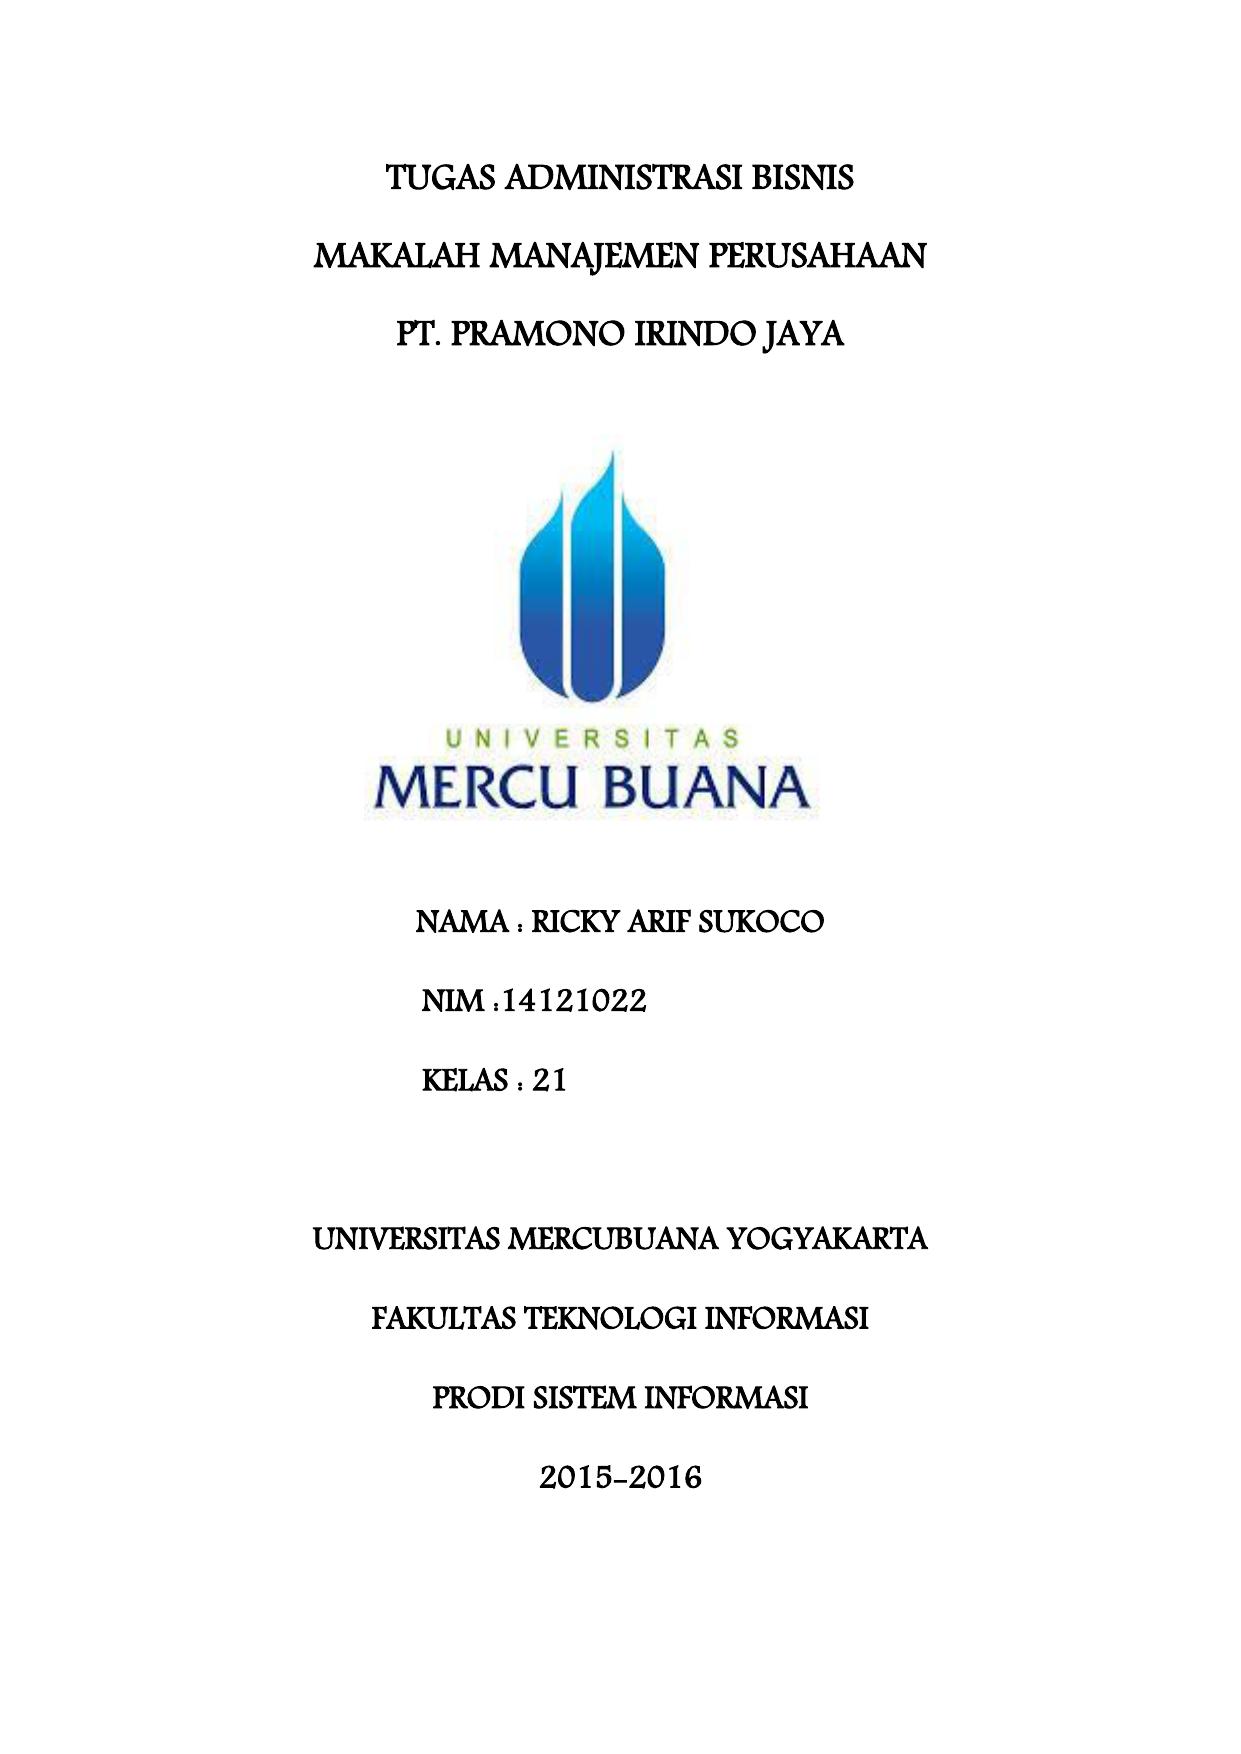 Contoh Makalah Manajemen Strategi Perusahaan Aqua